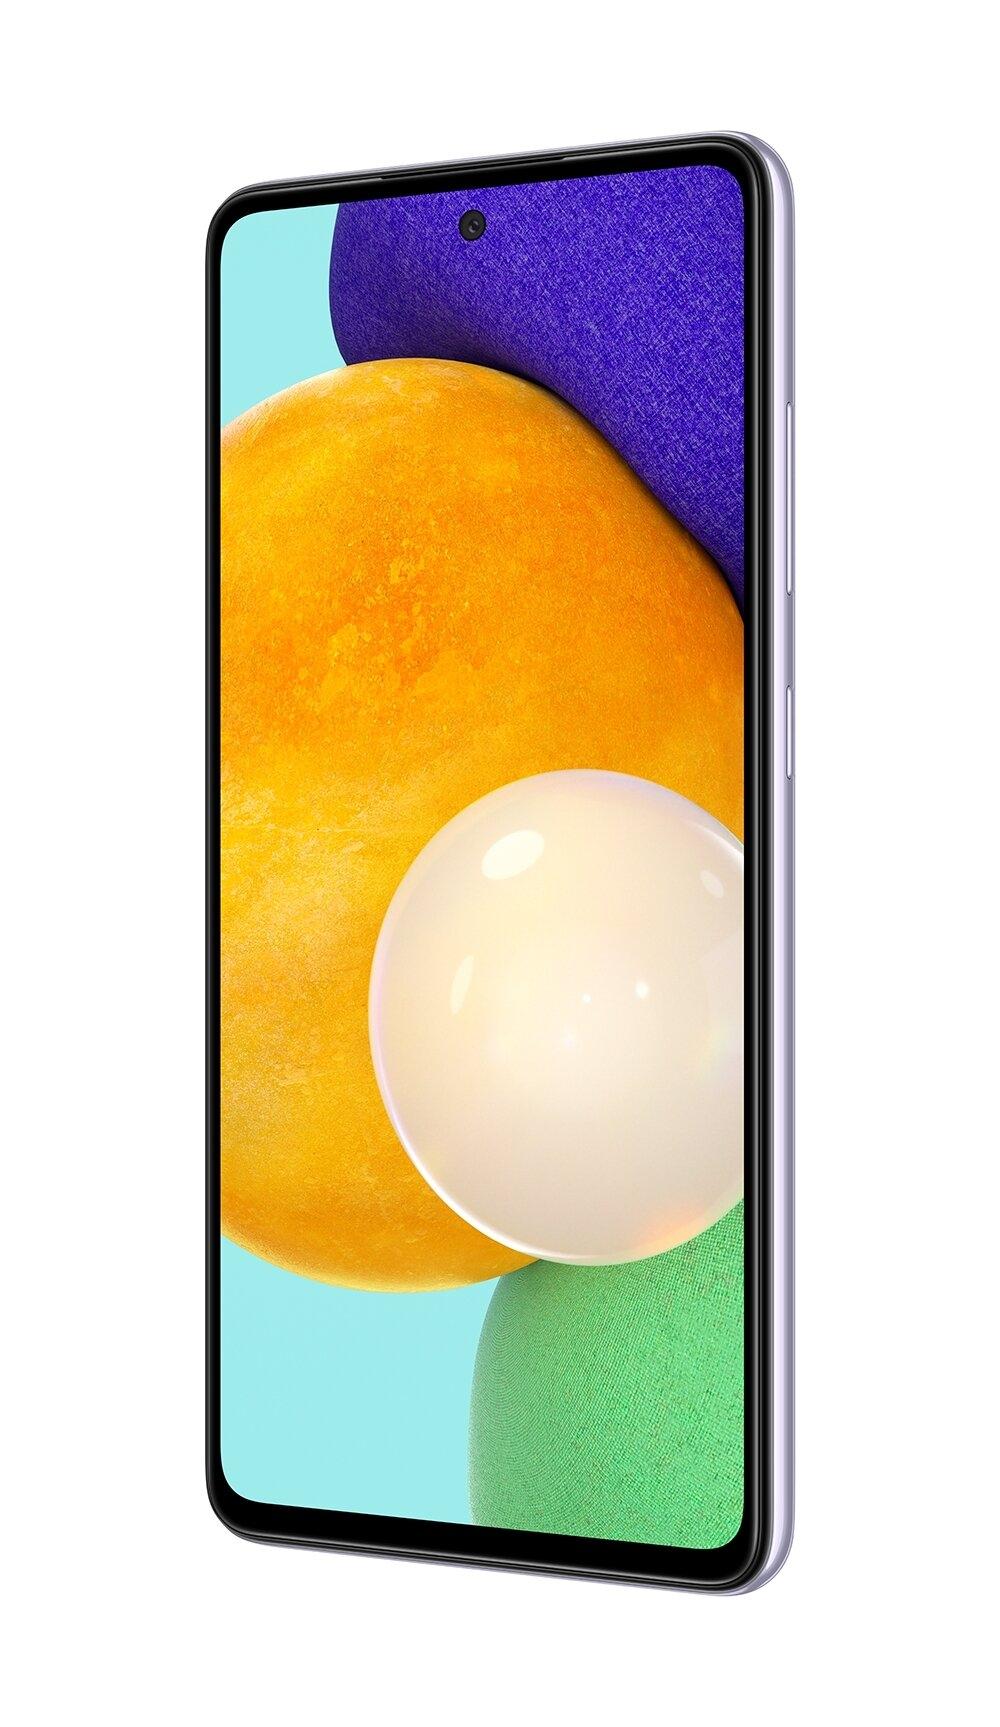 Samsung SM-A526 GALAXY A52 5G 128 GB, Octa-Core (2x2.2 GHz, 6x1.8 GHz), 6 GB RAM, 6.5